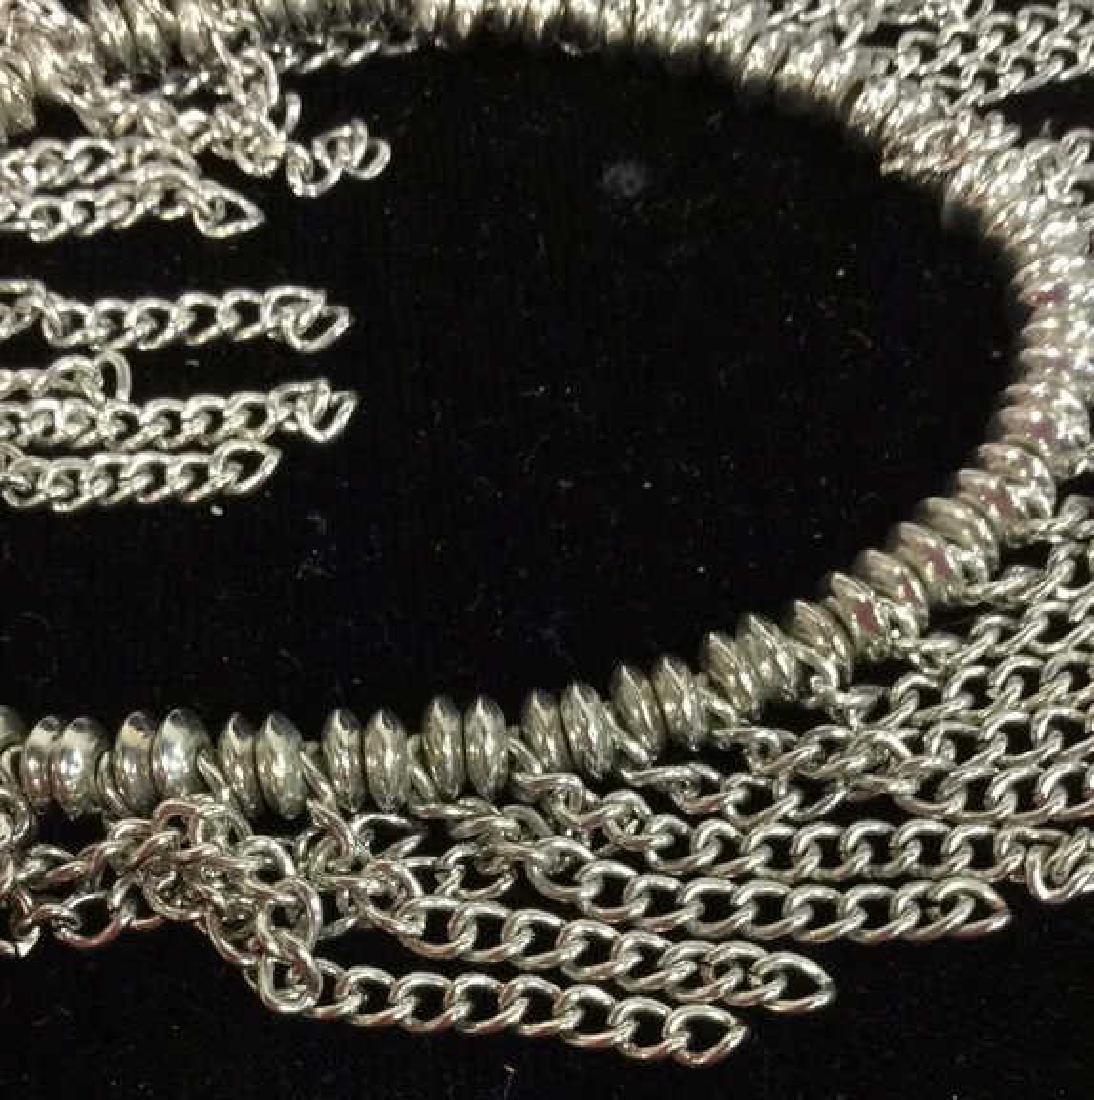 Lot 6 Assorted Women's Bracelets Jewelry - 8